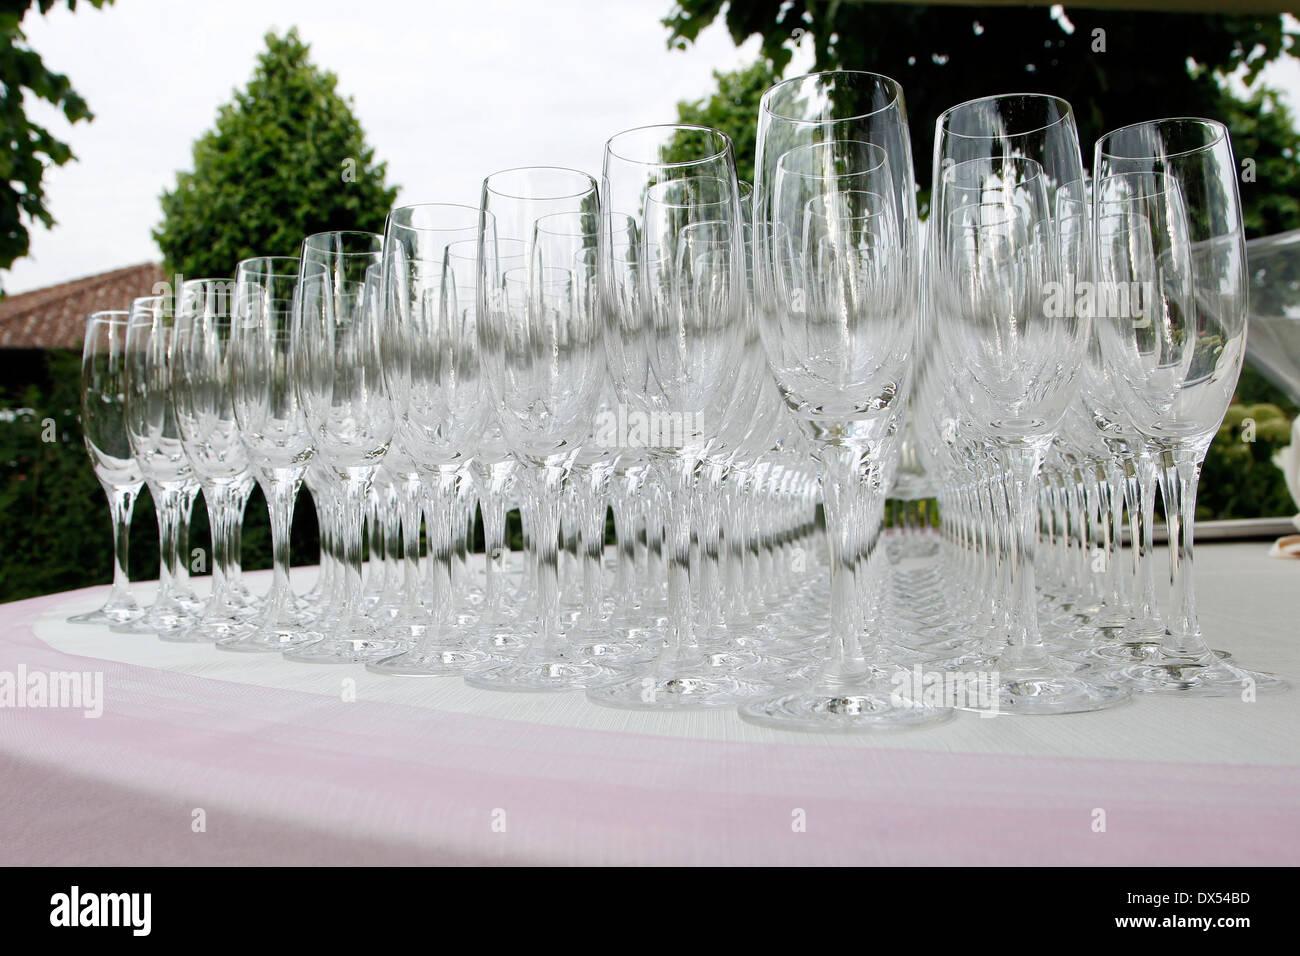 Las copas de vino se alinearon en una tabla Imagen De Stock